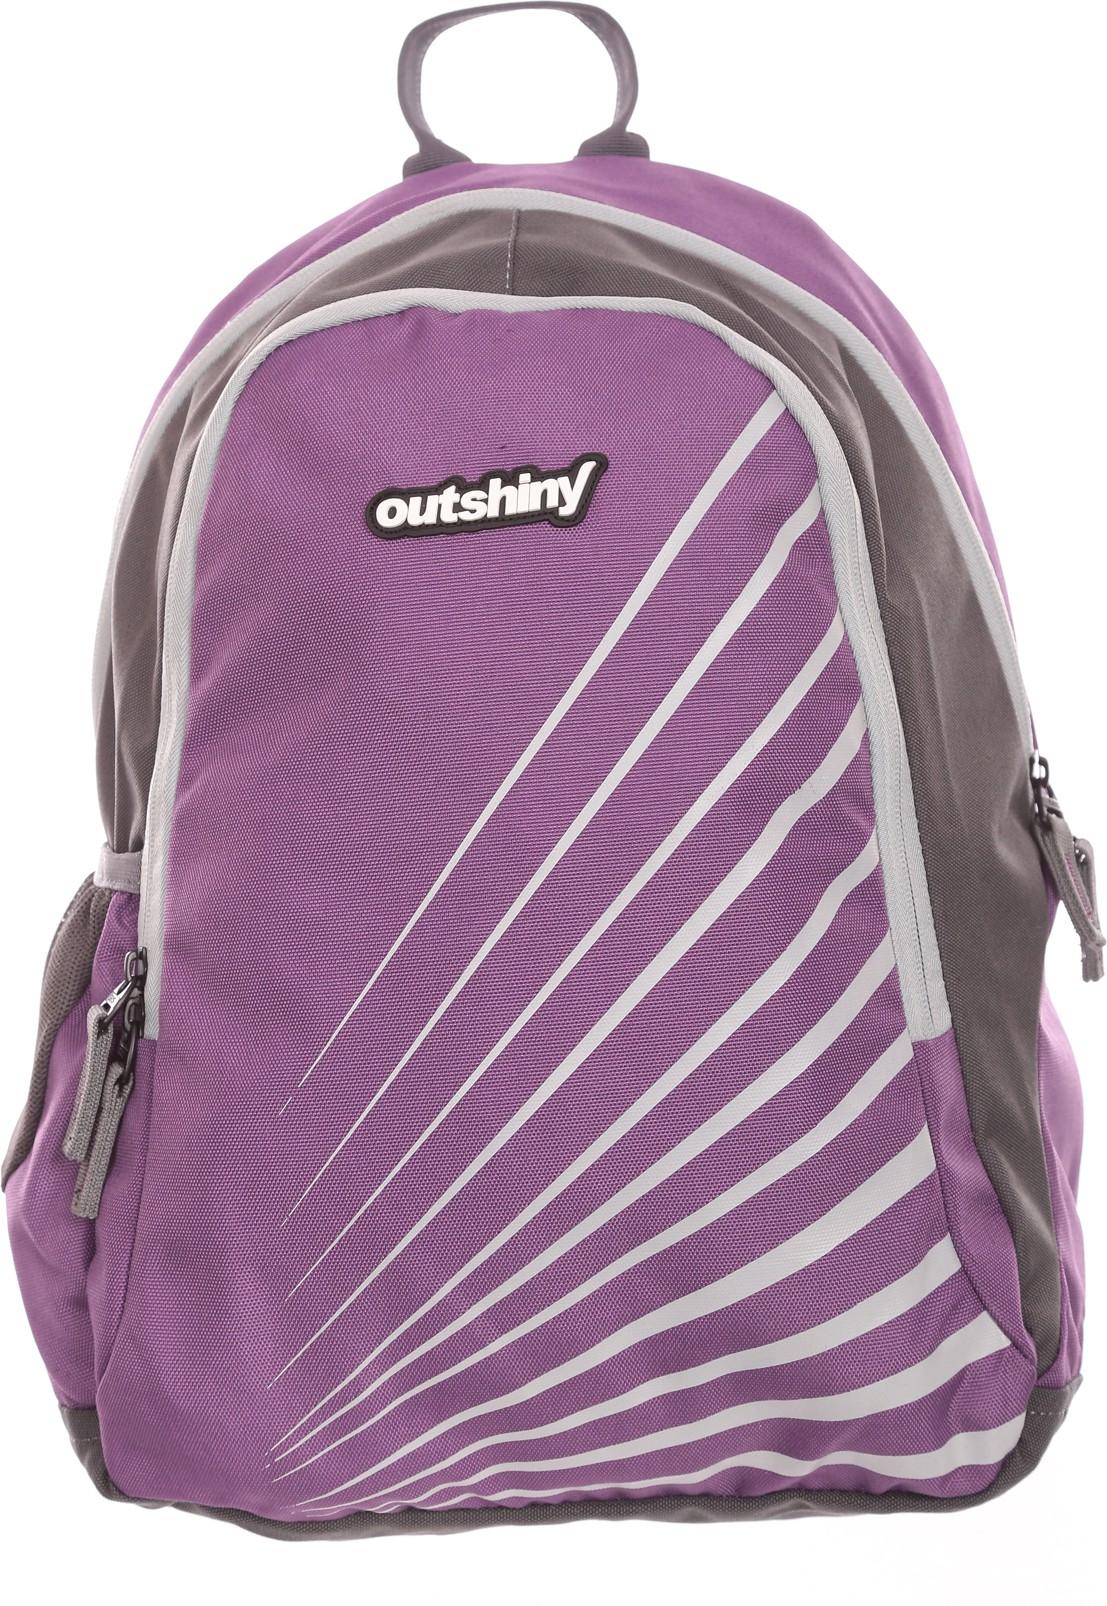 Outshiny Dover otsy Laptop Bag(Multicolor)